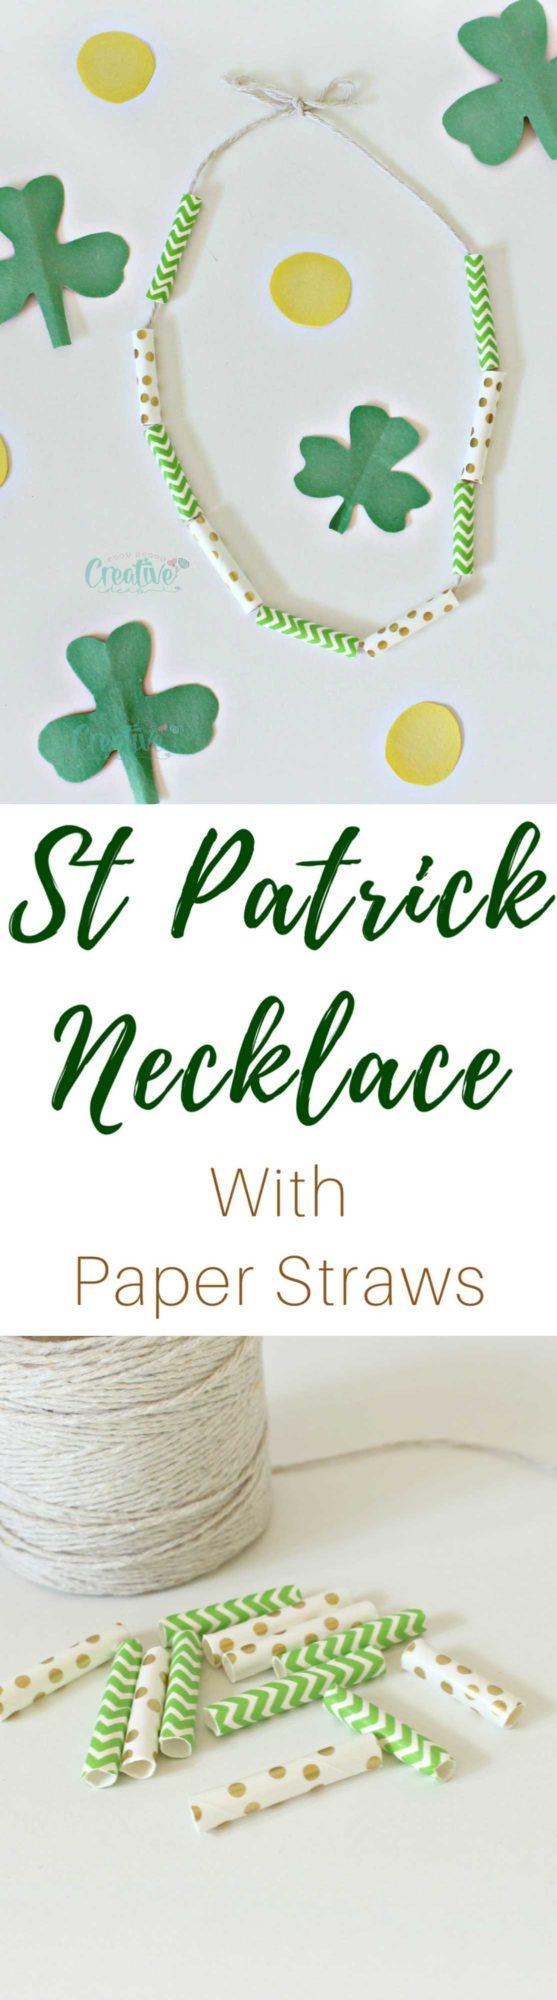 St Patrick necklace